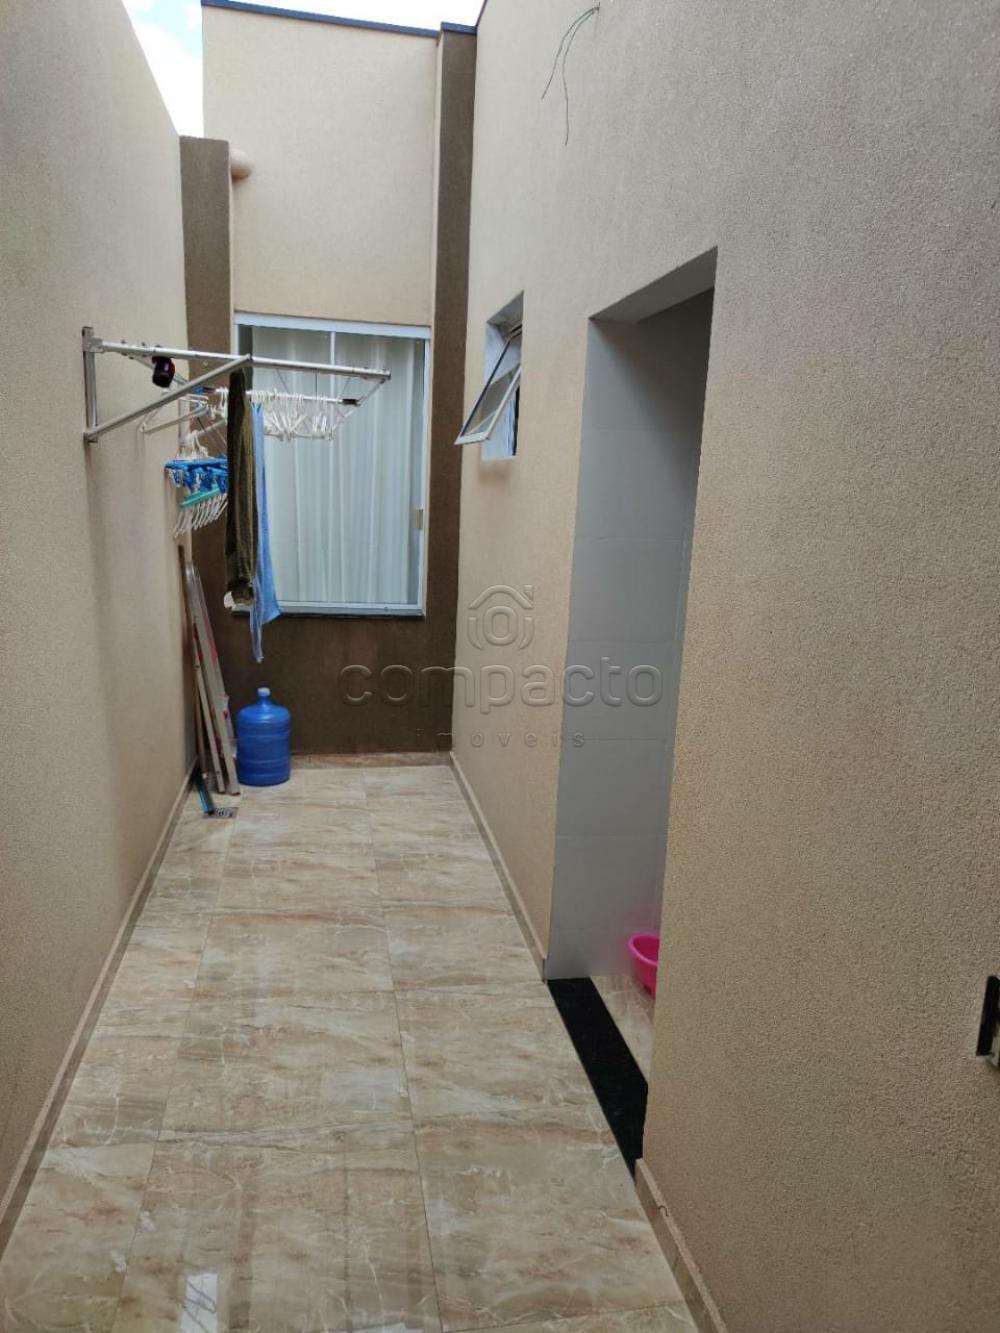 Comprar Casa / Padrão em Mirassol apenas R$ 350.000,00 - Foto 25